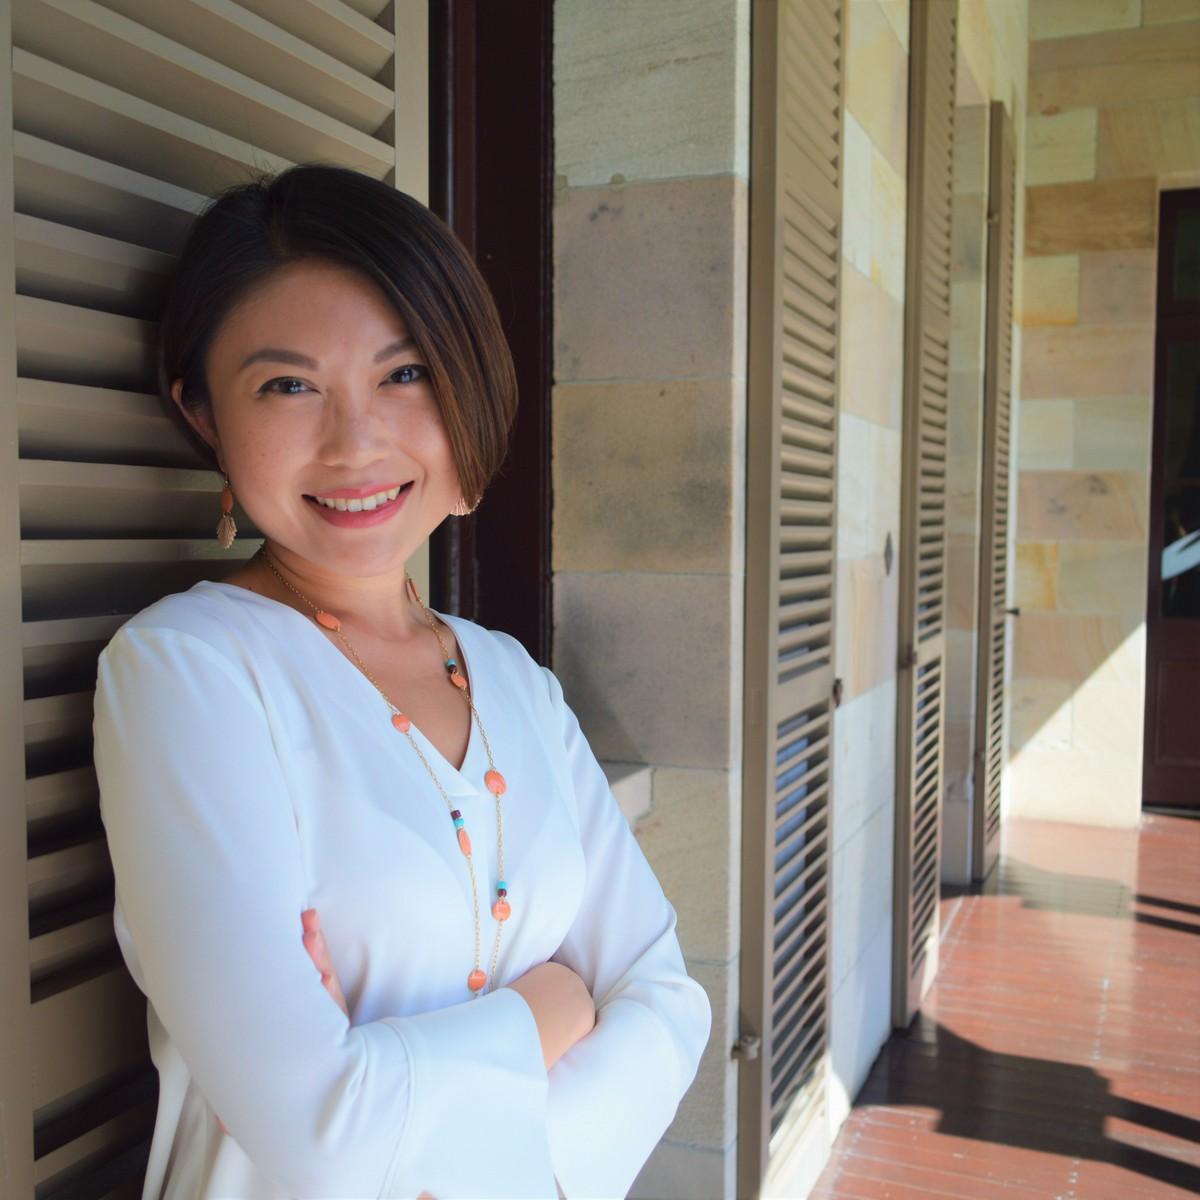 Photo of Dr. Elaine Yang